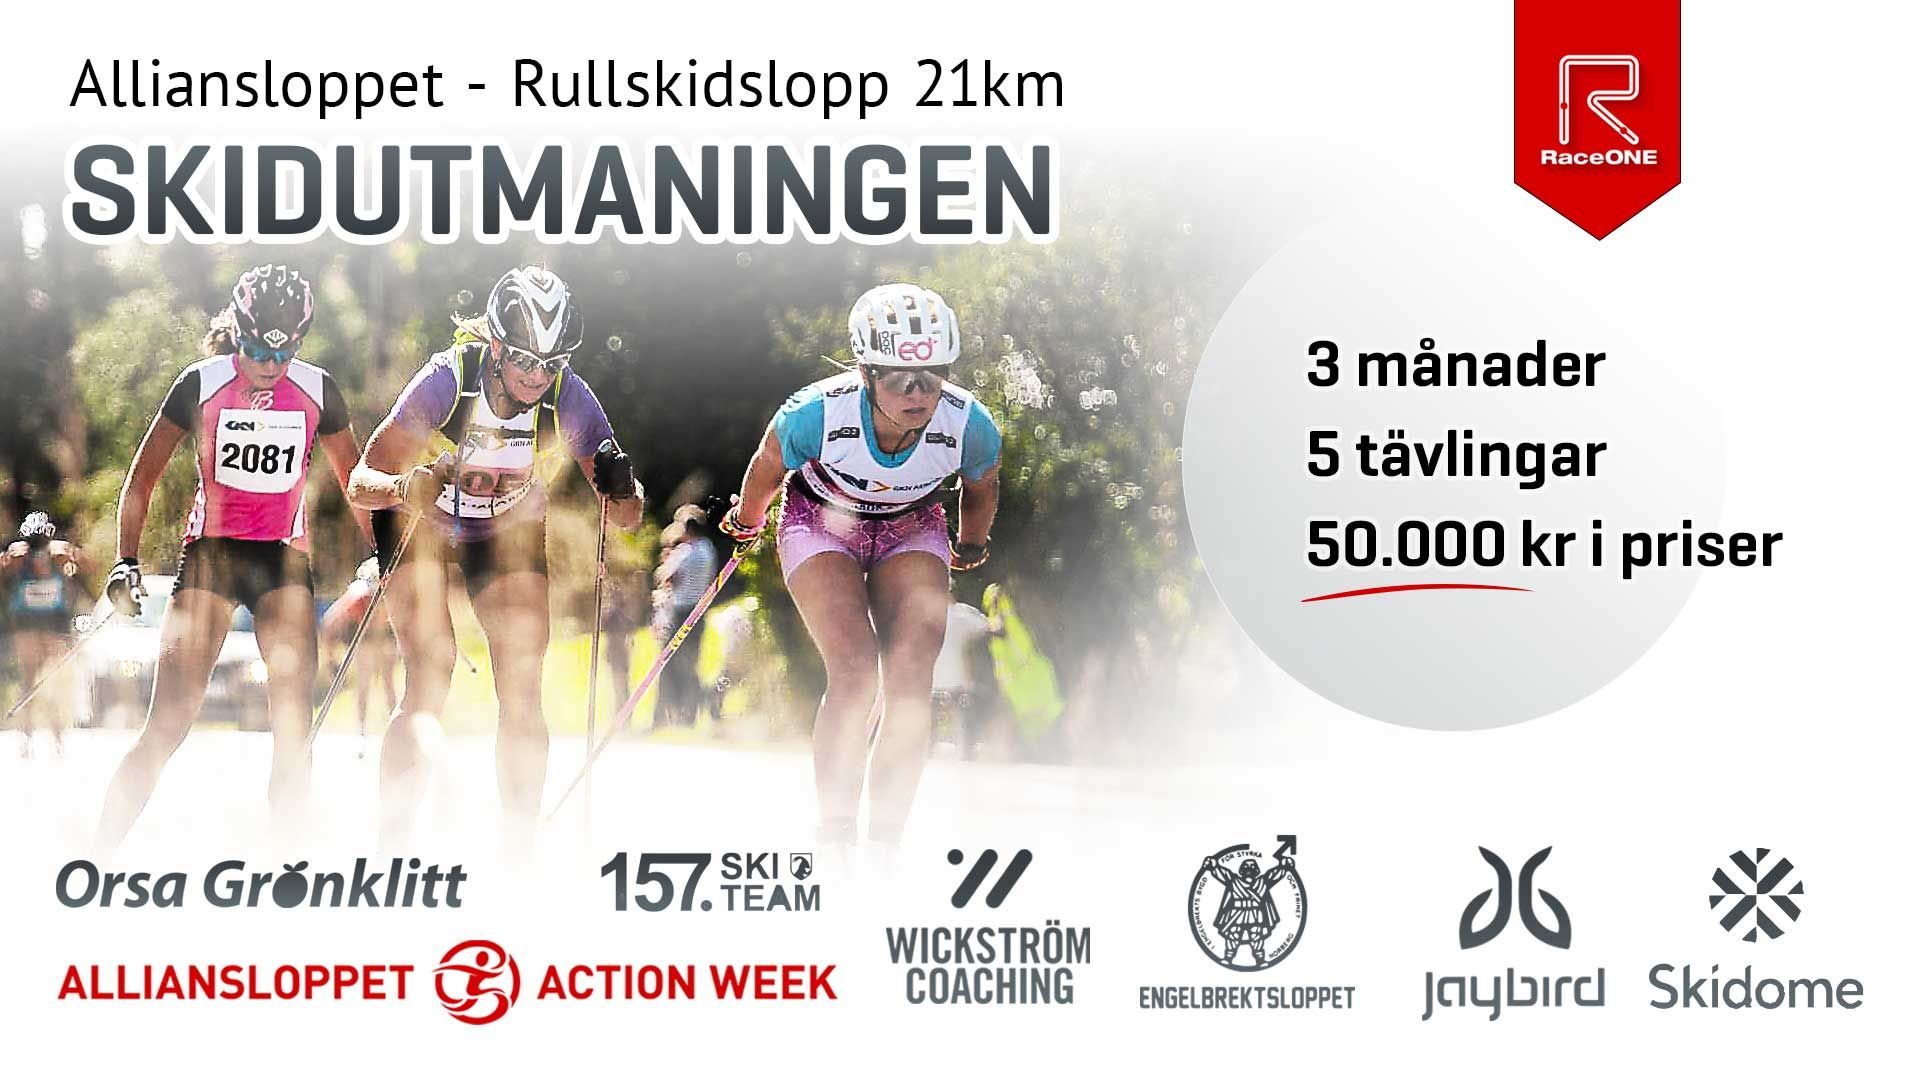 Alliansloppet Rullskidslopp 21 km